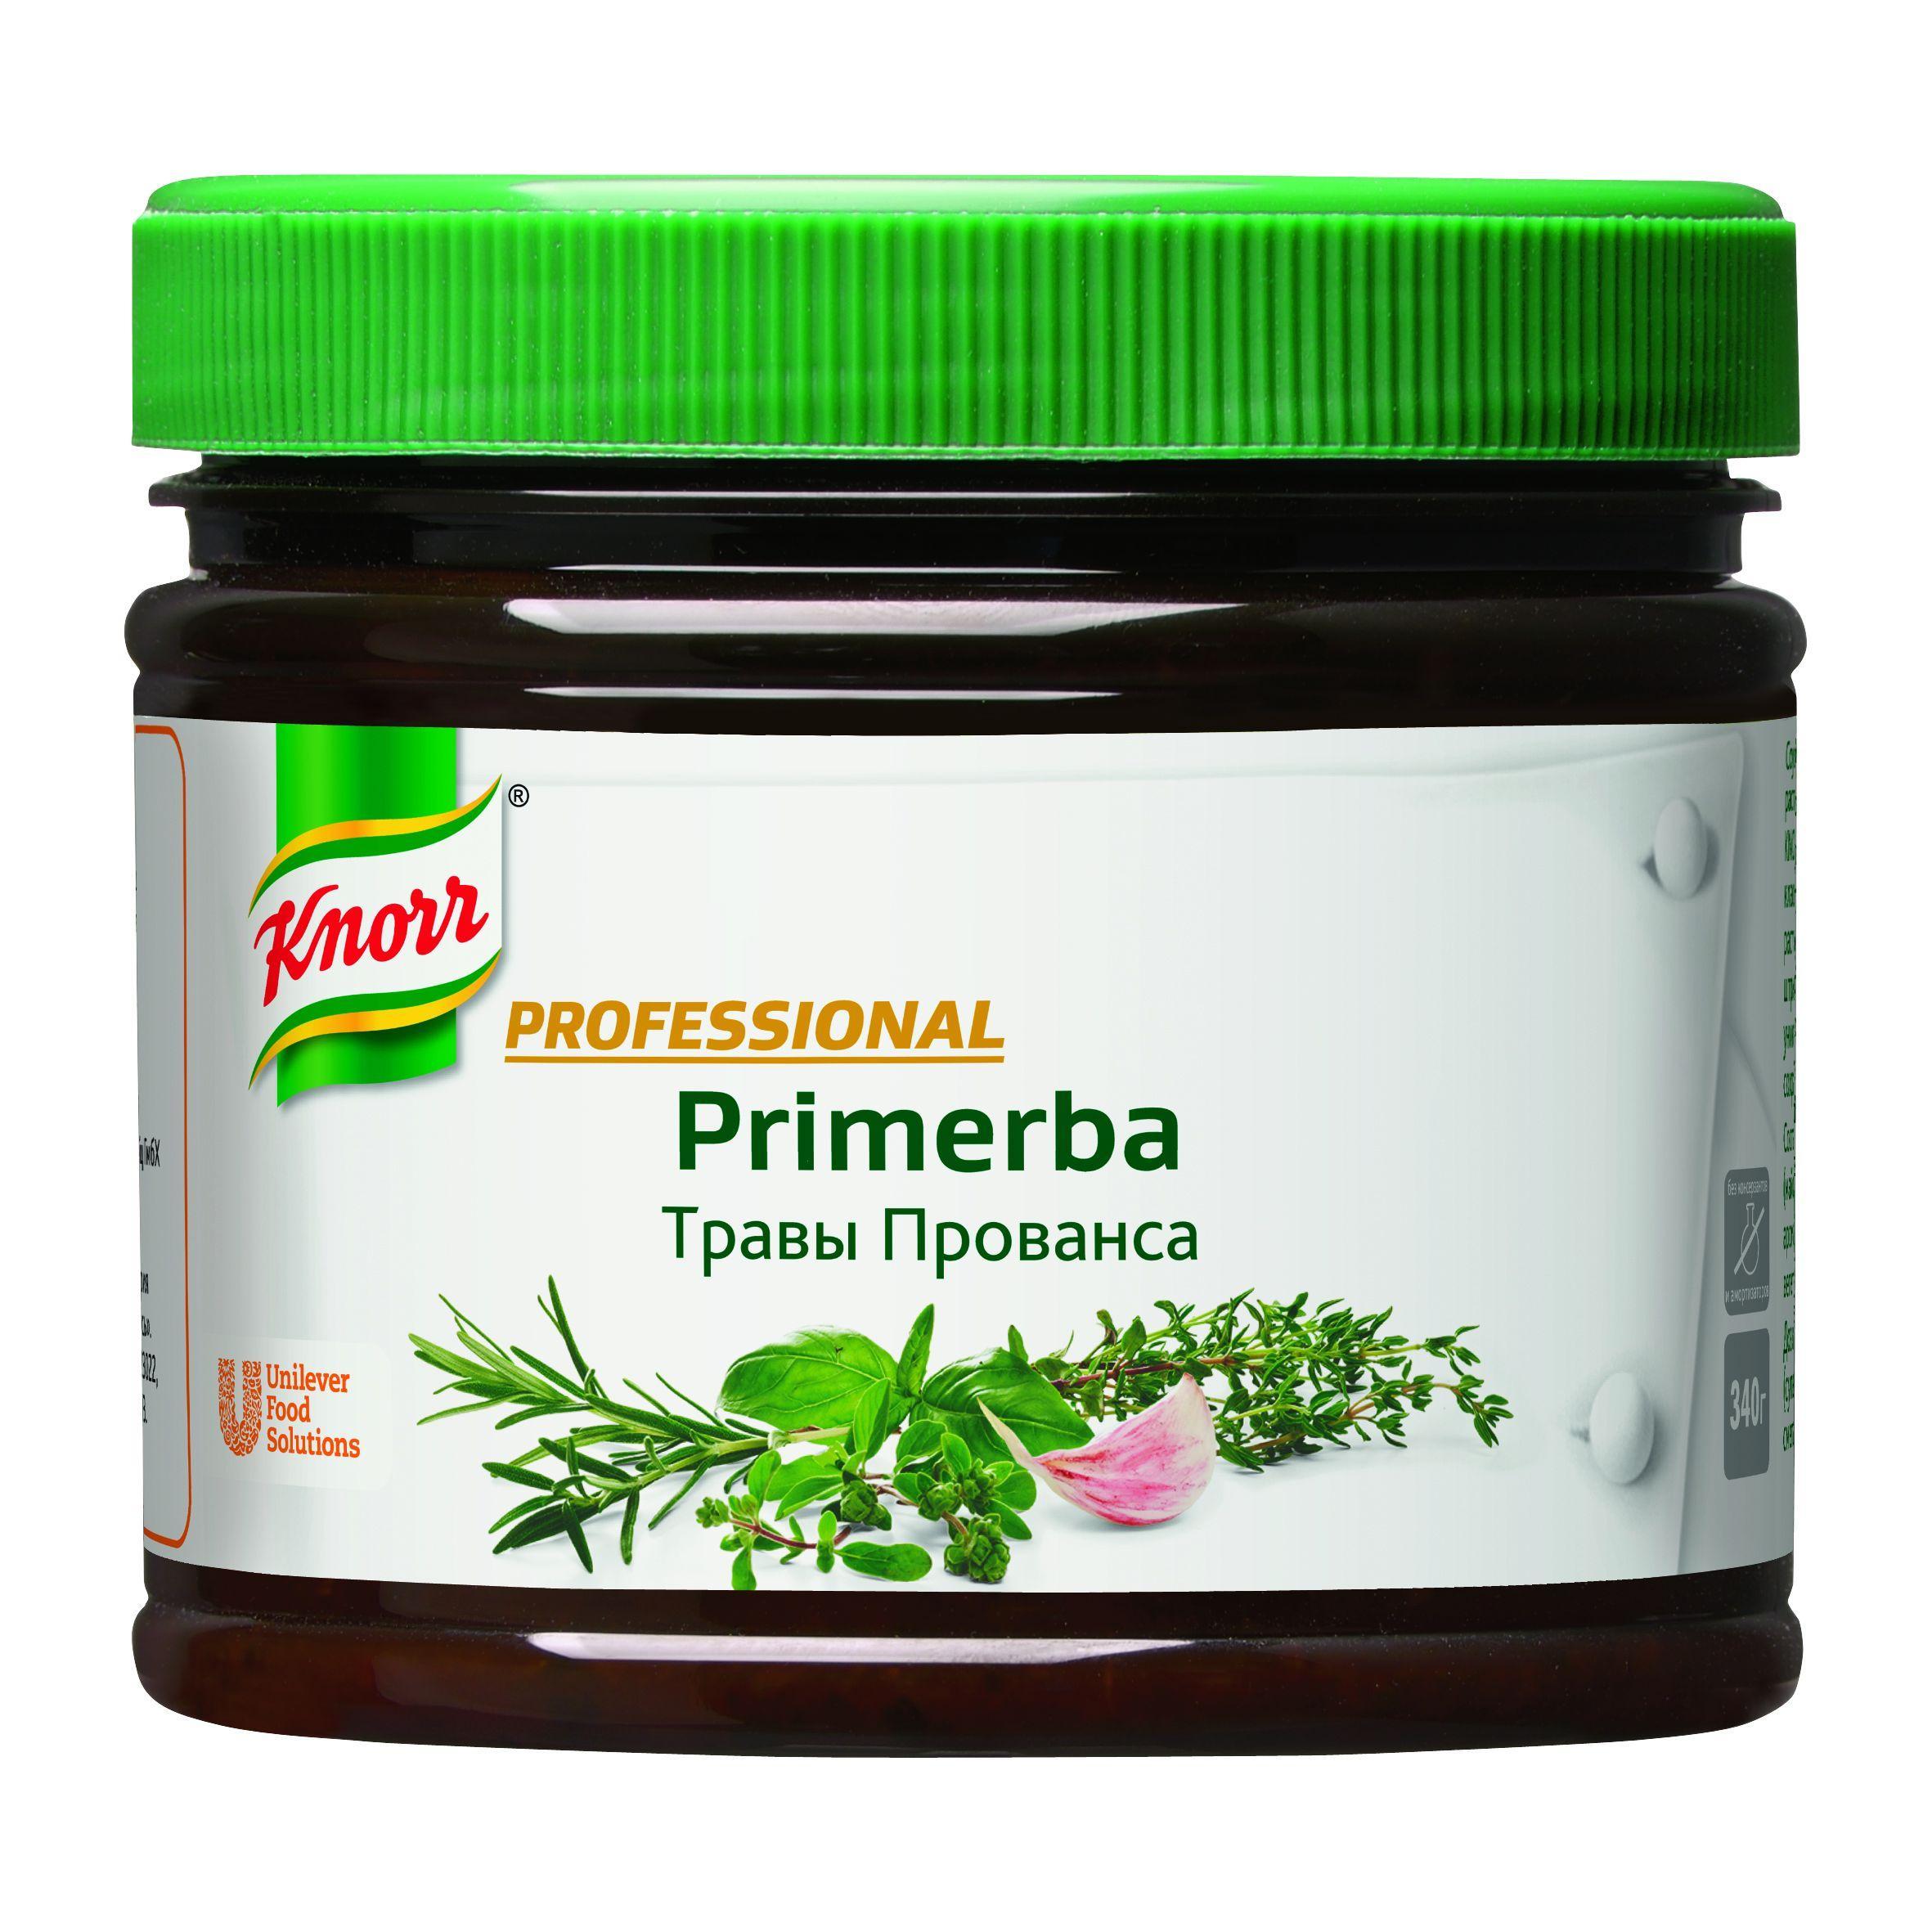 Приправа Knorr Primerba Травы Прованса в растительном масле